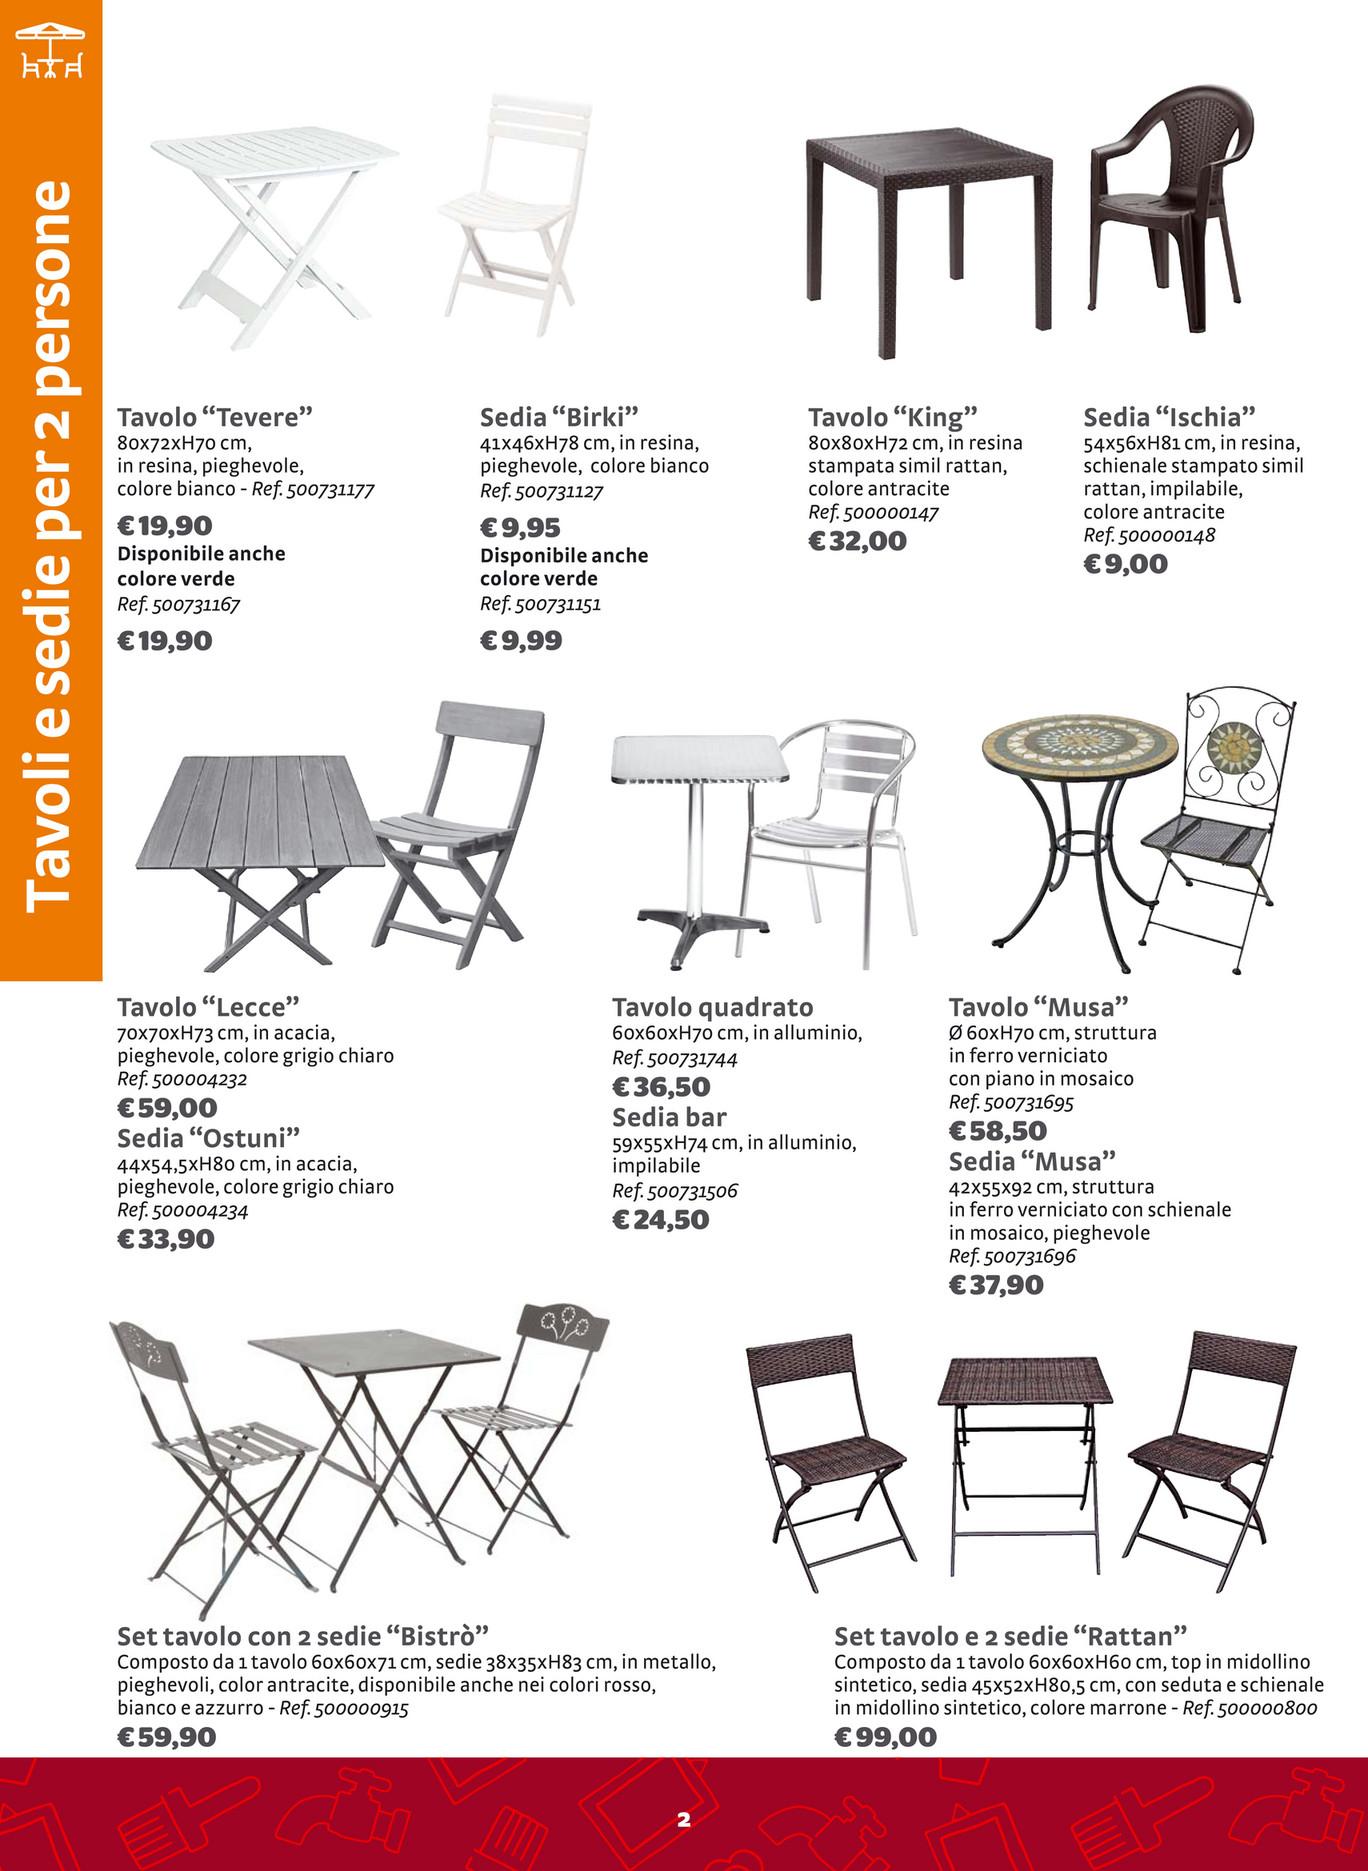 Tavoli E Sedie Da Giardino Usati Ebay.Tavolo Pieghevole Ebay Gallery Of Vedi Prezzo Su Amazonit Vedi